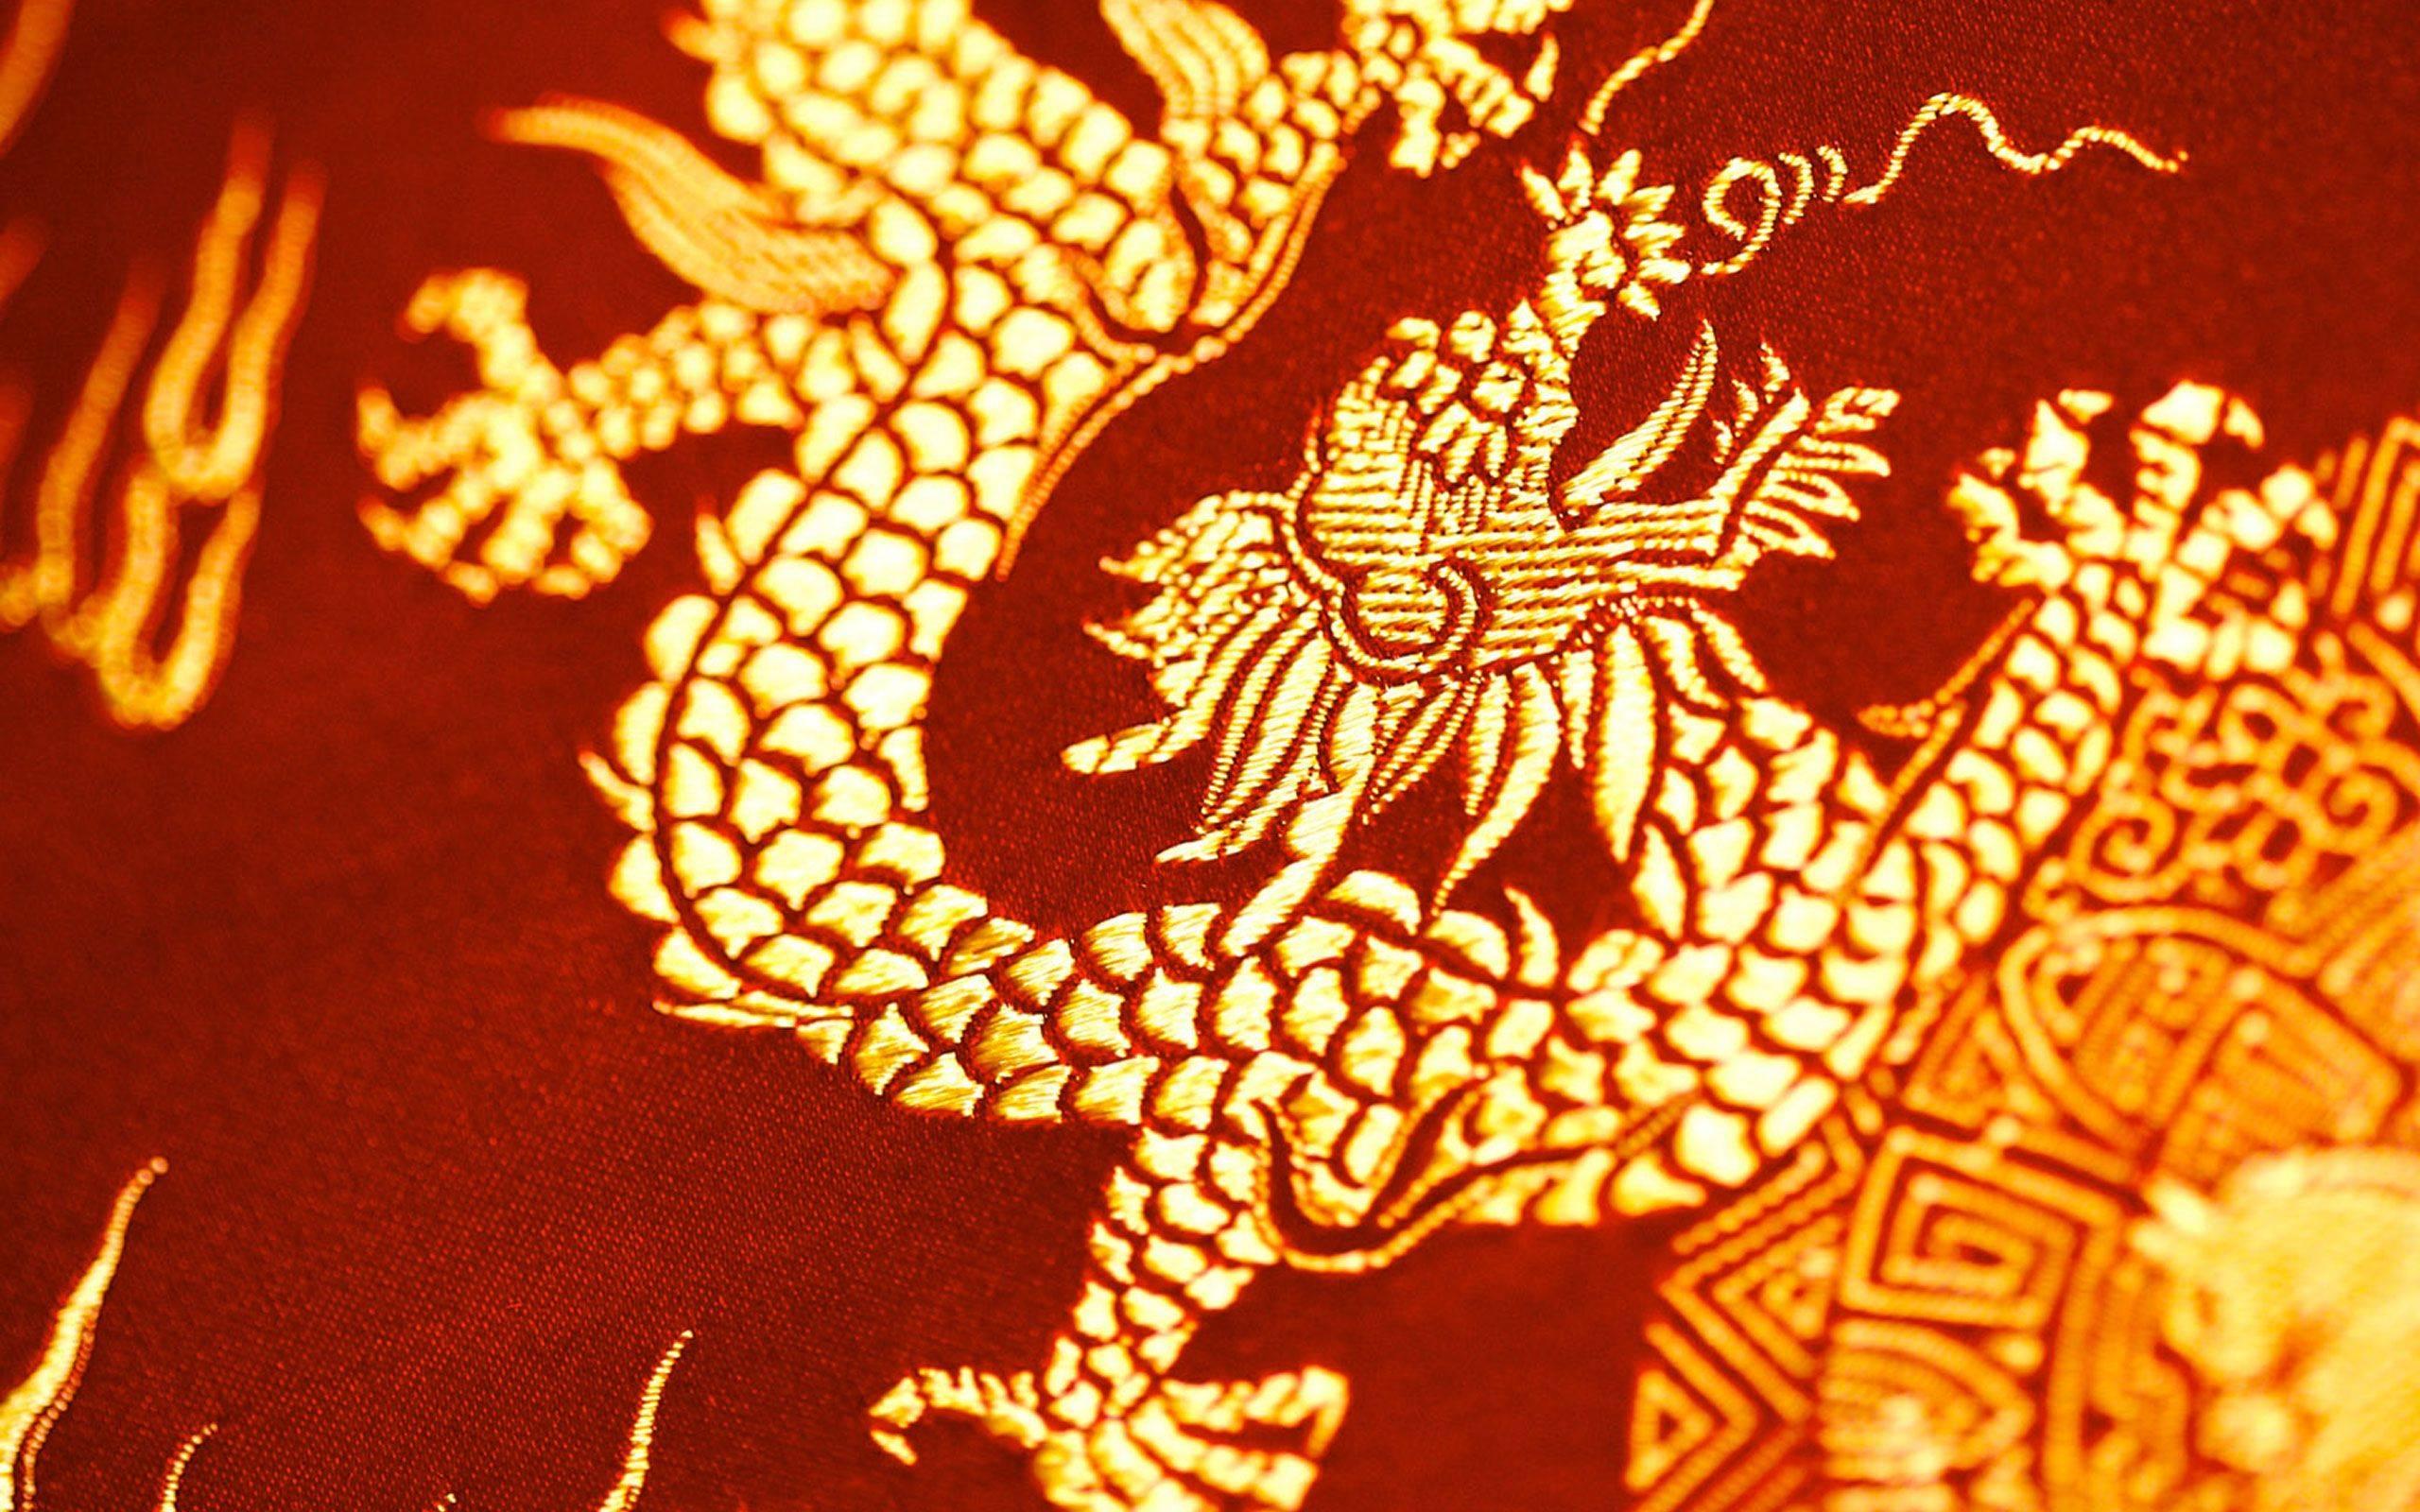 中国の伝統的な壁紙のhd 中国の壁紙デザイン 2560x1600 Wallpapertip